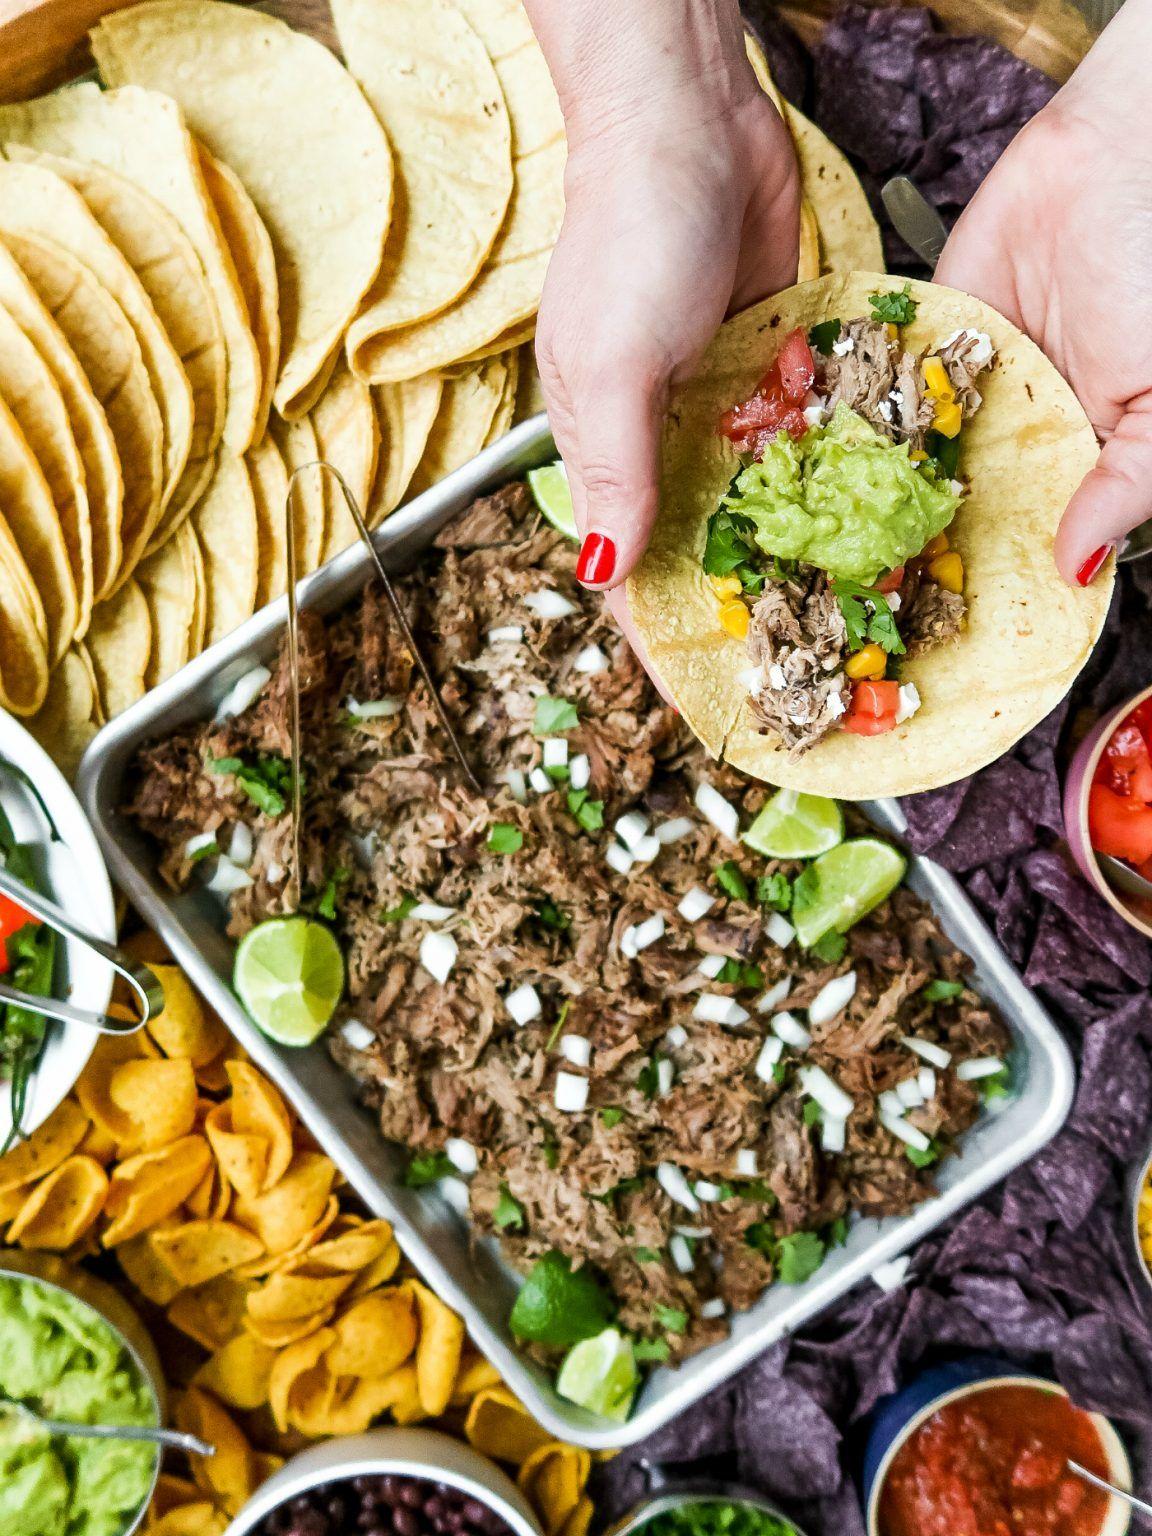 Easy pork carnitas taco board porkcarnitastacoboard